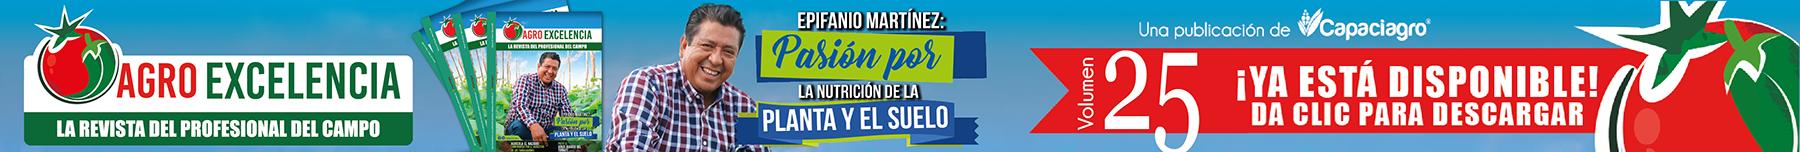 http://agroexcelencia.com/wp-content/uploads/2019/02/Slide-anuncio_1.png